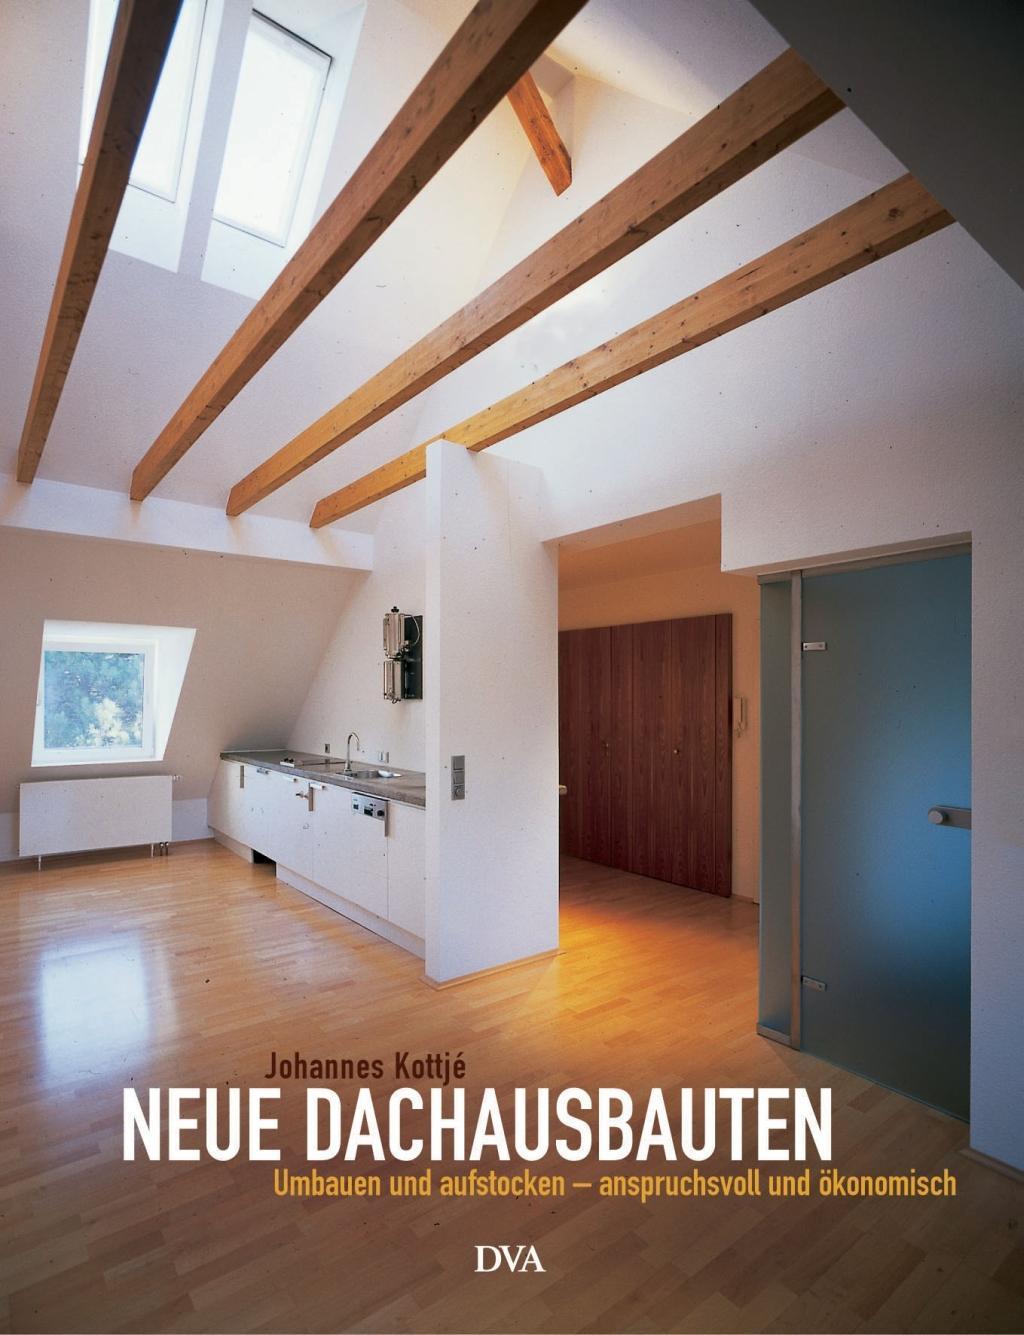 Neue Dachausbauten